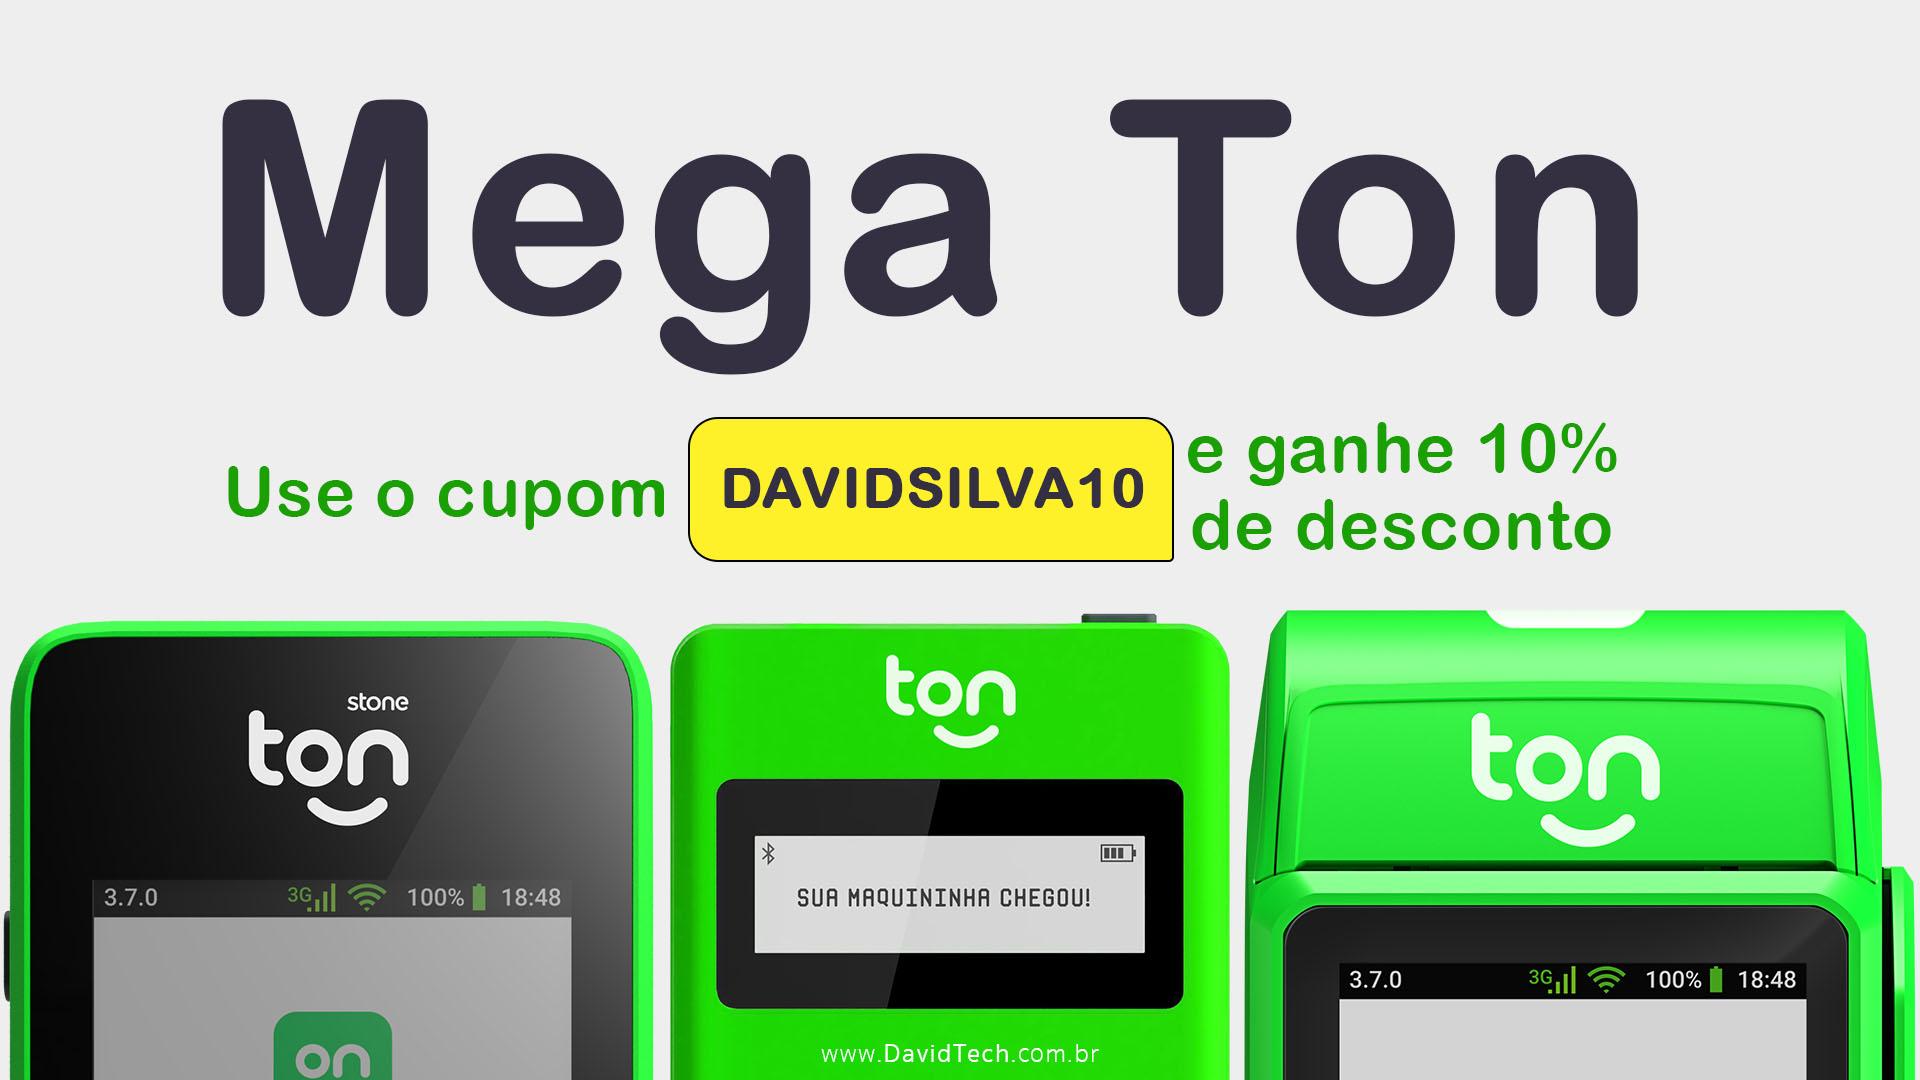 mega ton - stone - máquina de cartão